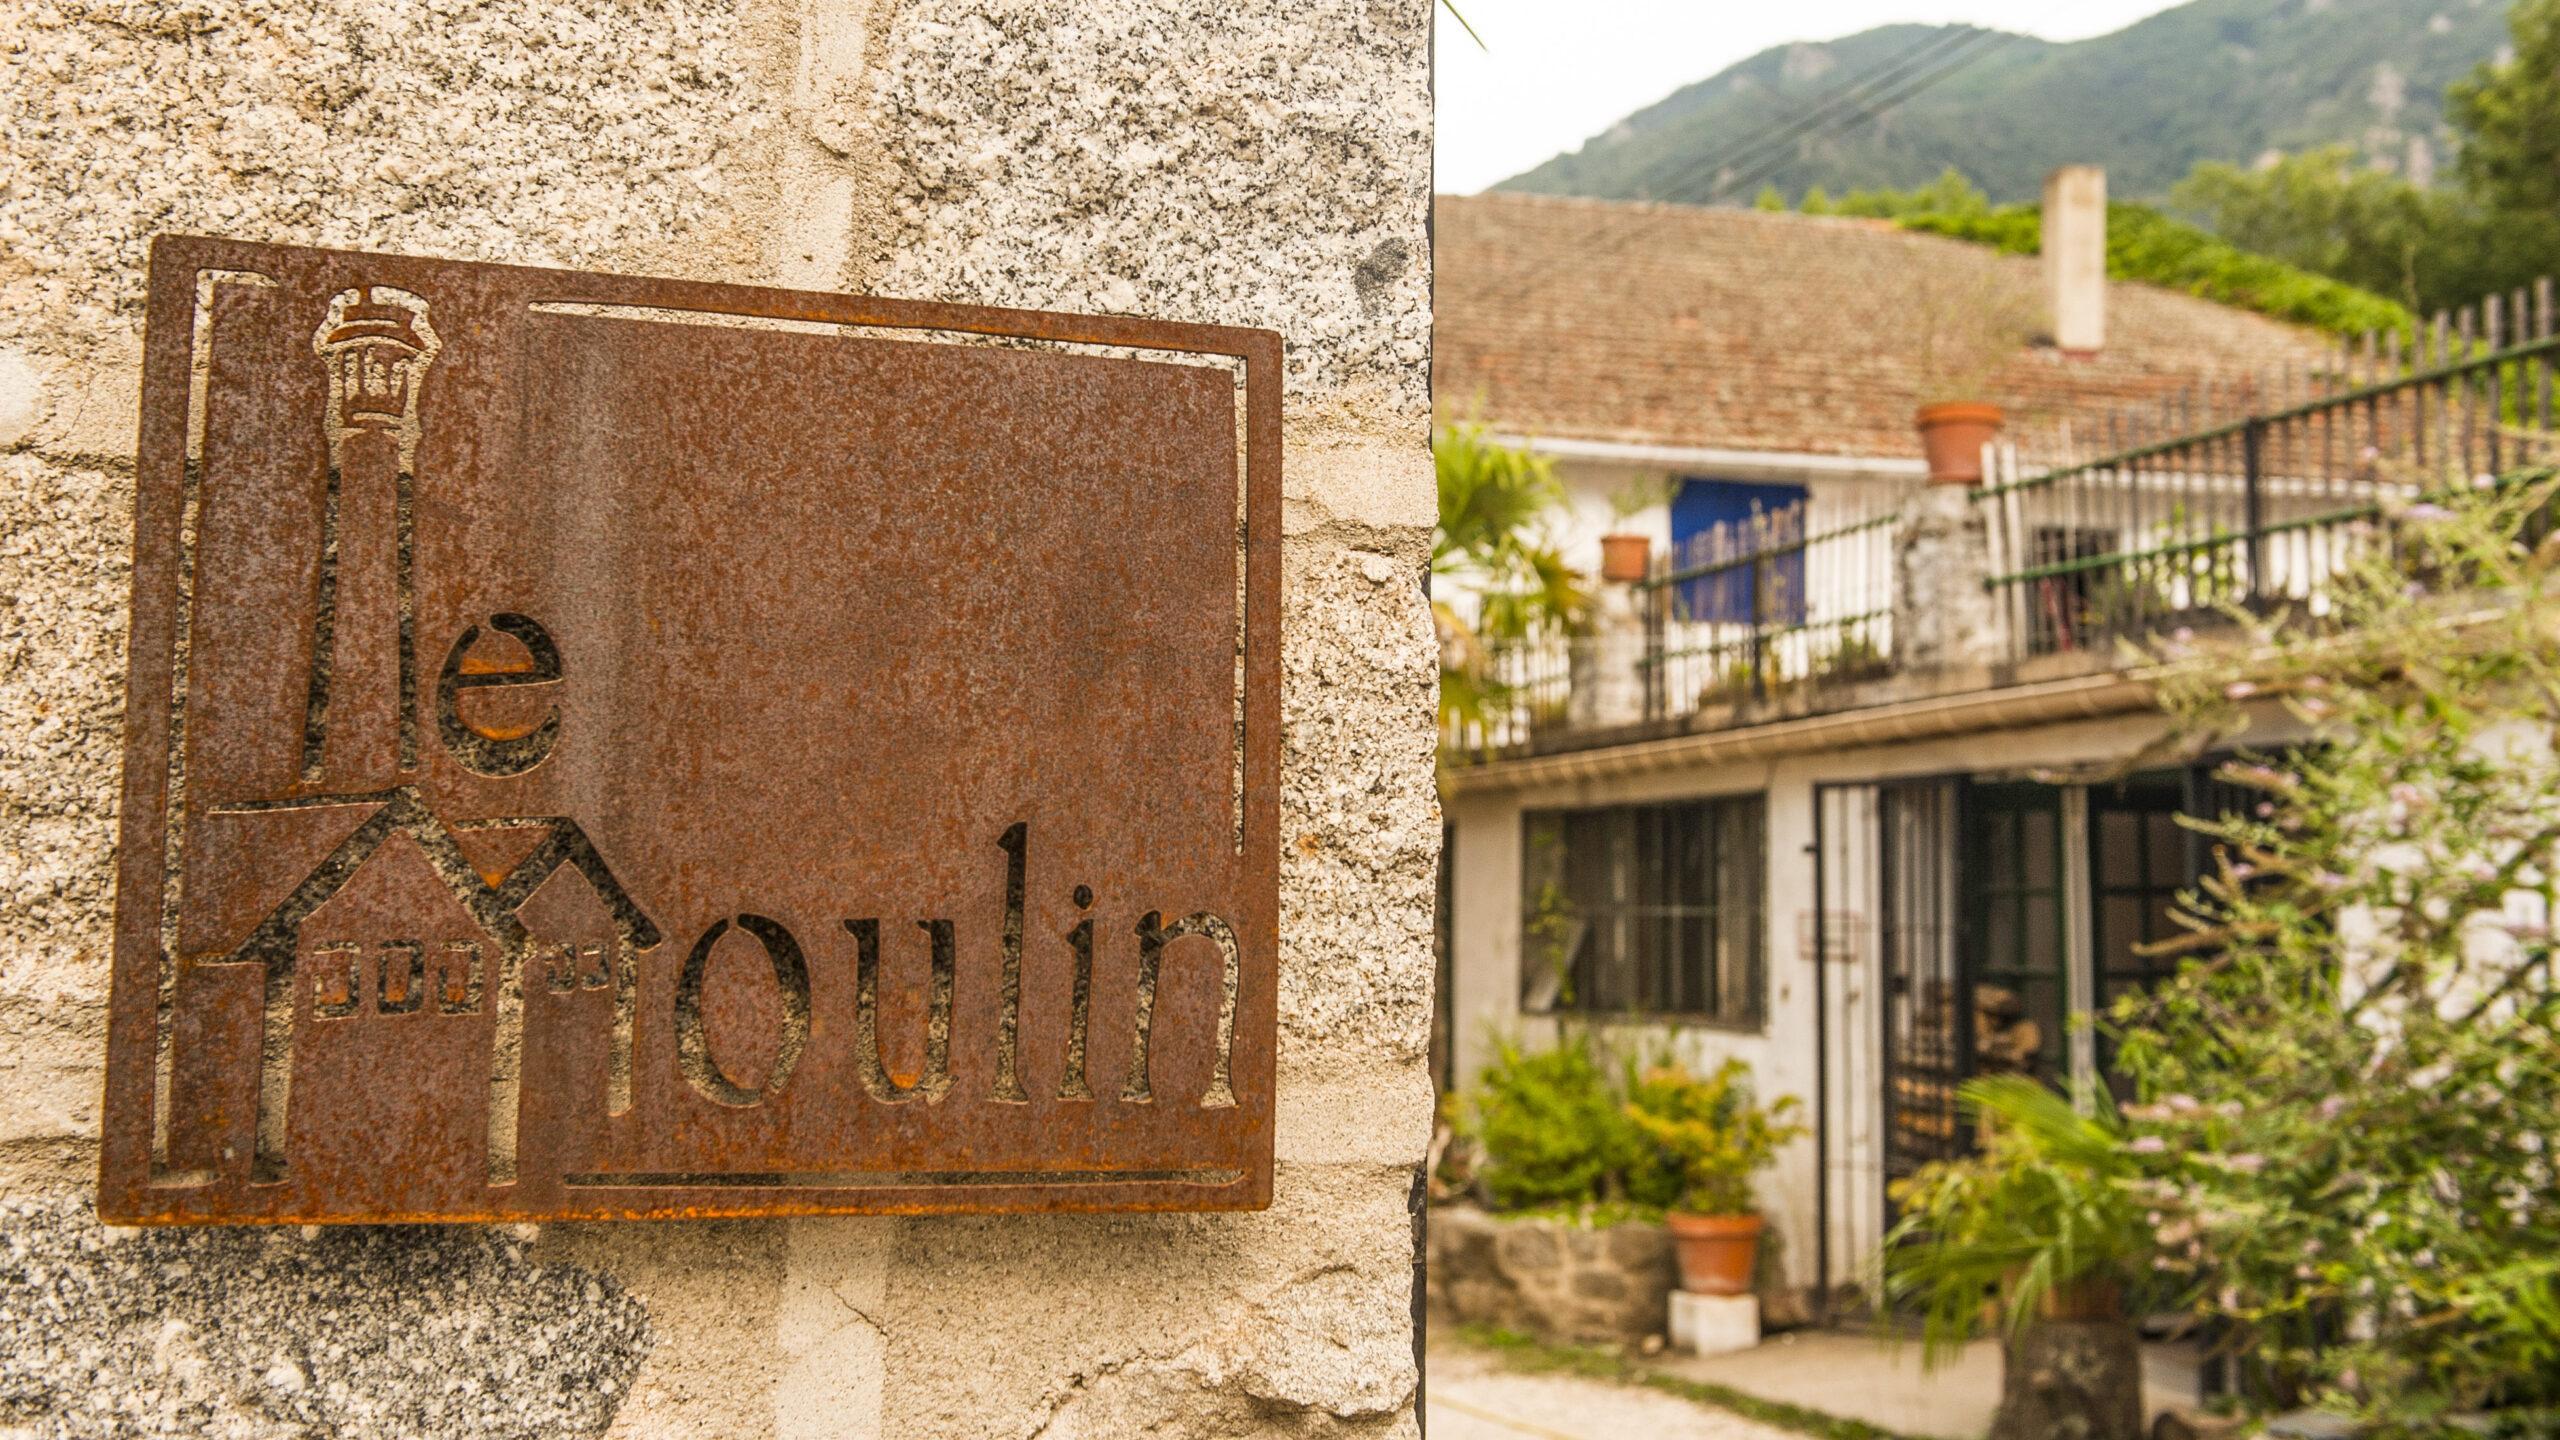 Arles-sur-Tech: Hier geht's hinein zu Kreativ-Mühle! Foto: Hilke Maunder